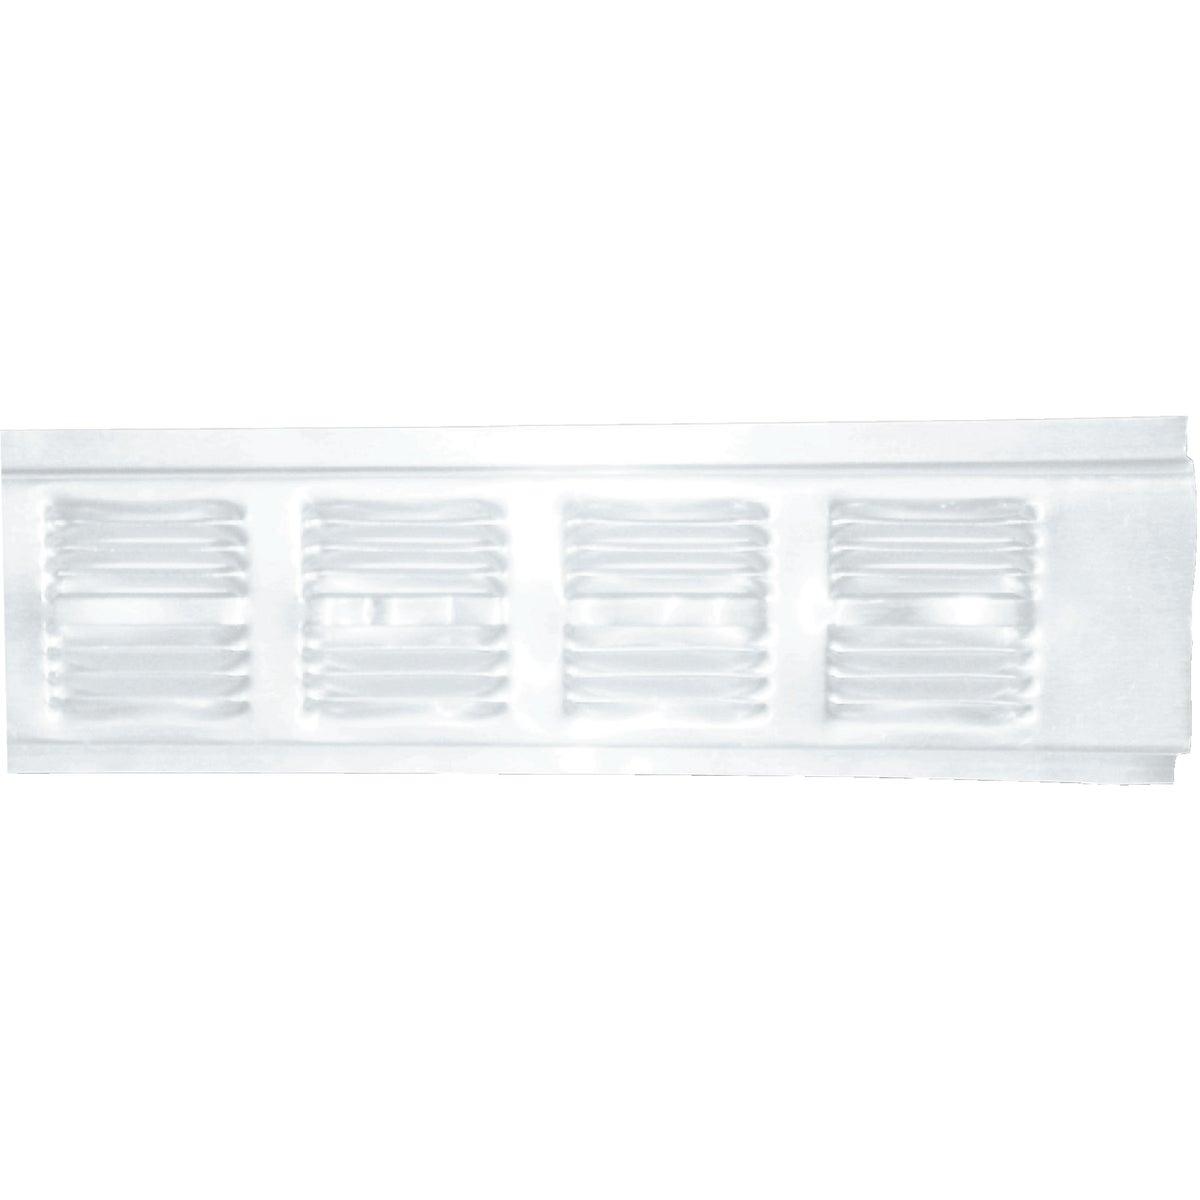 Air Vent Continuous Aluminum Soffit and Under Eave Vent - Retrofit, 84302